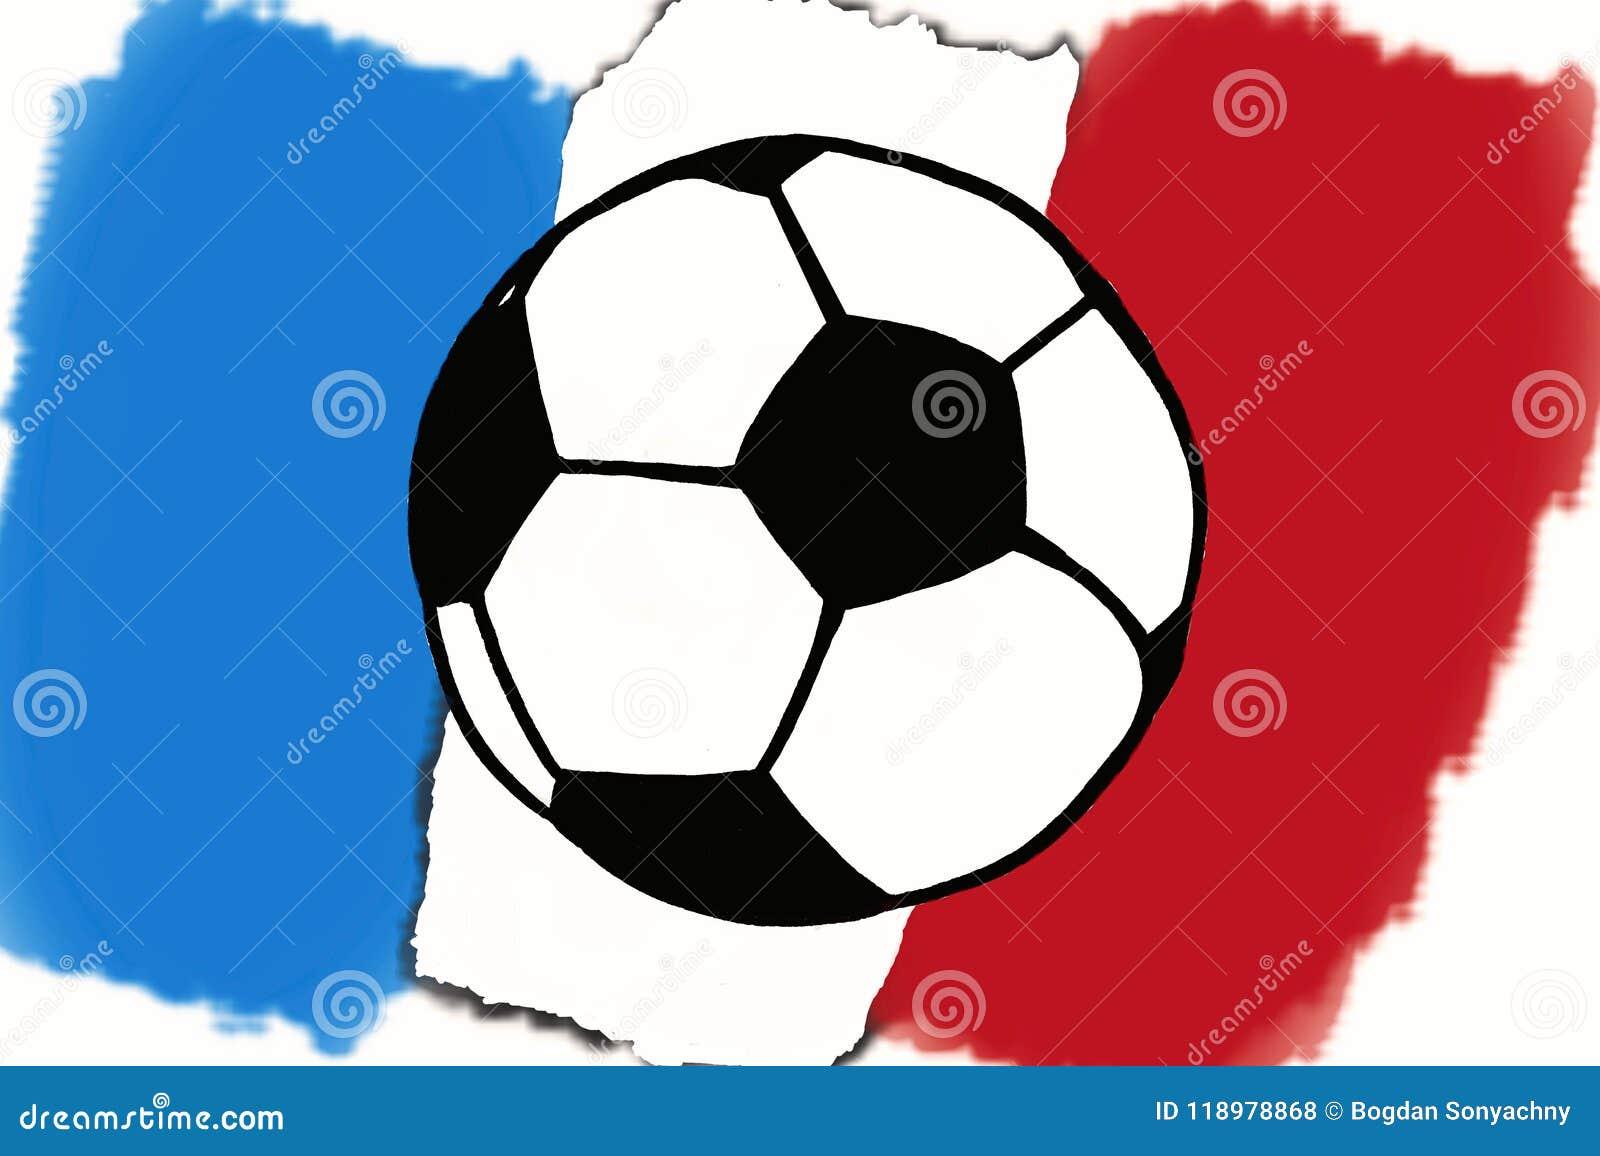 Fussball Ball Und Frankreich Kennzeichnet Hand Gezeichnete